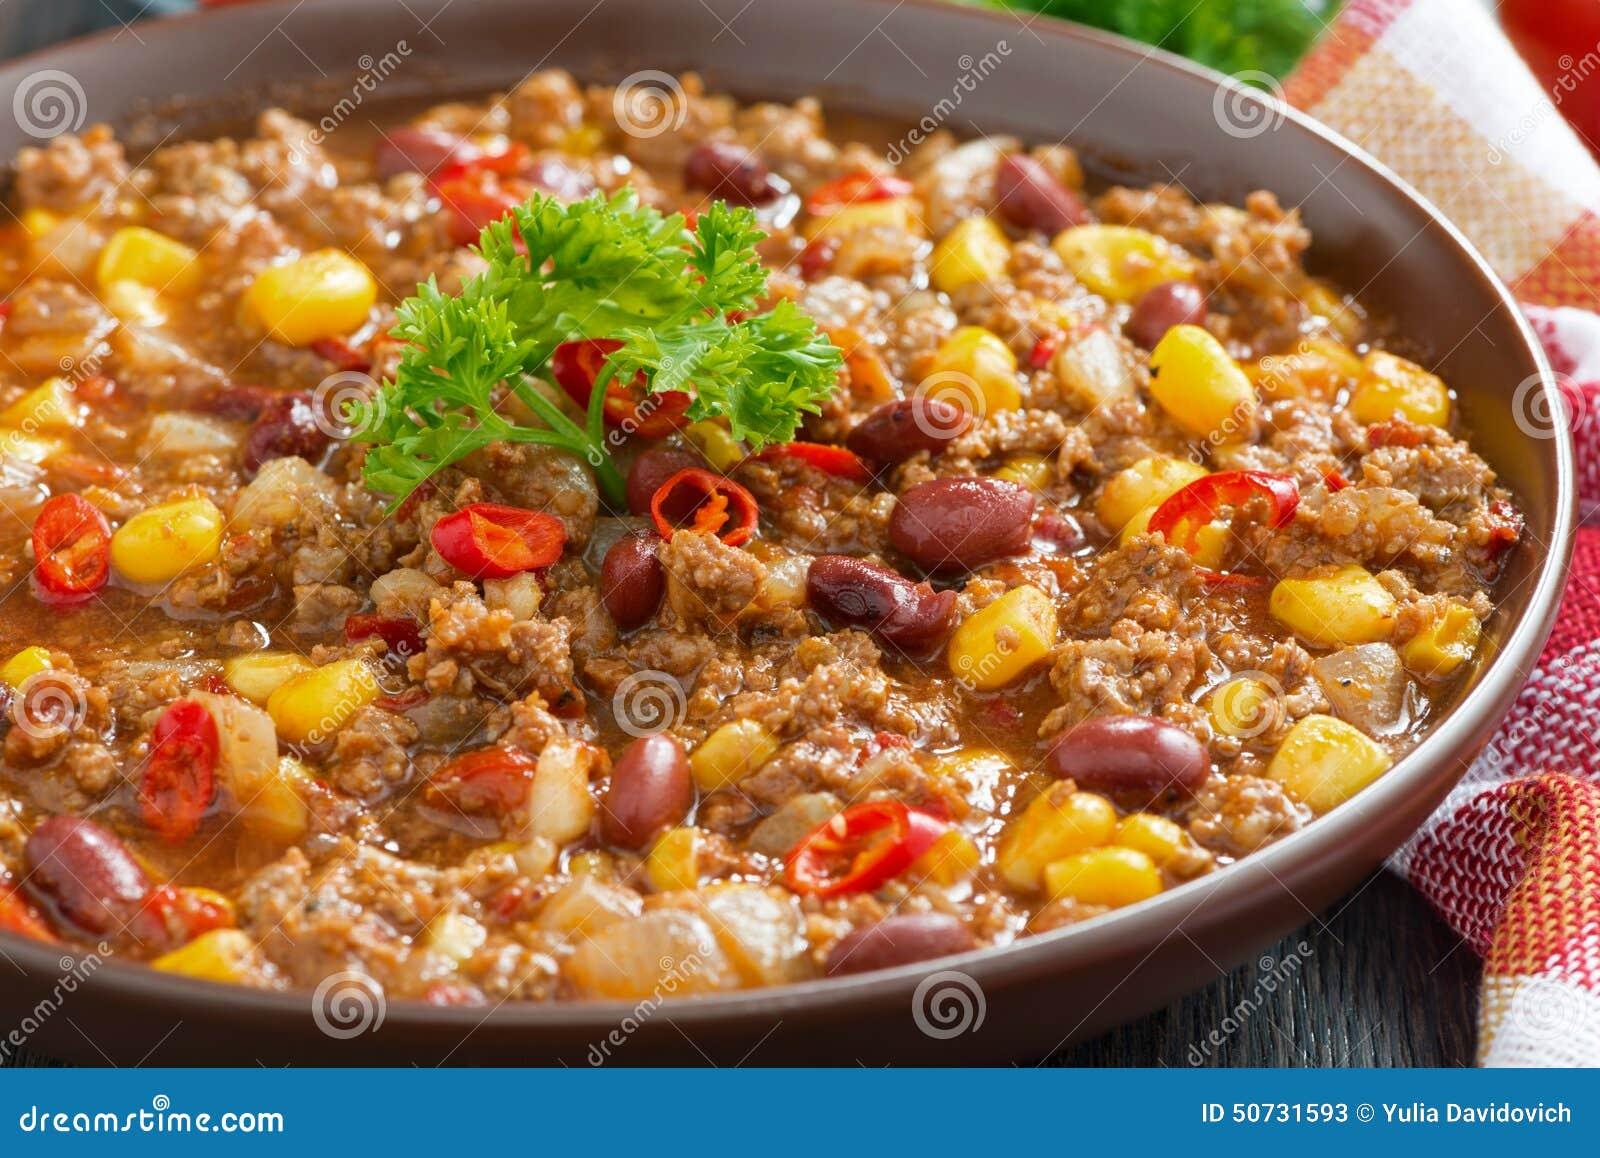 best service 97b61 bbf55 Piatto Messicano Piccante Chili Con Carne In Un Piatto ...